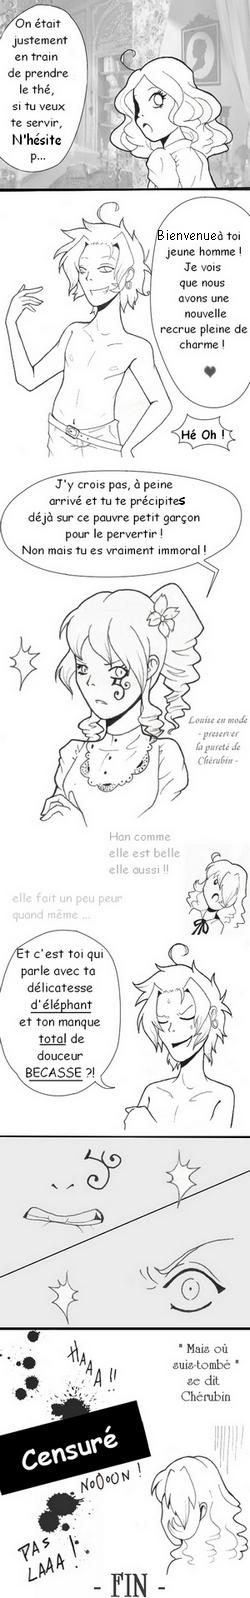 http://oniromancie.cowblog.fr/images/Emoticones/StripCherubinIntroducePartie2.jpg